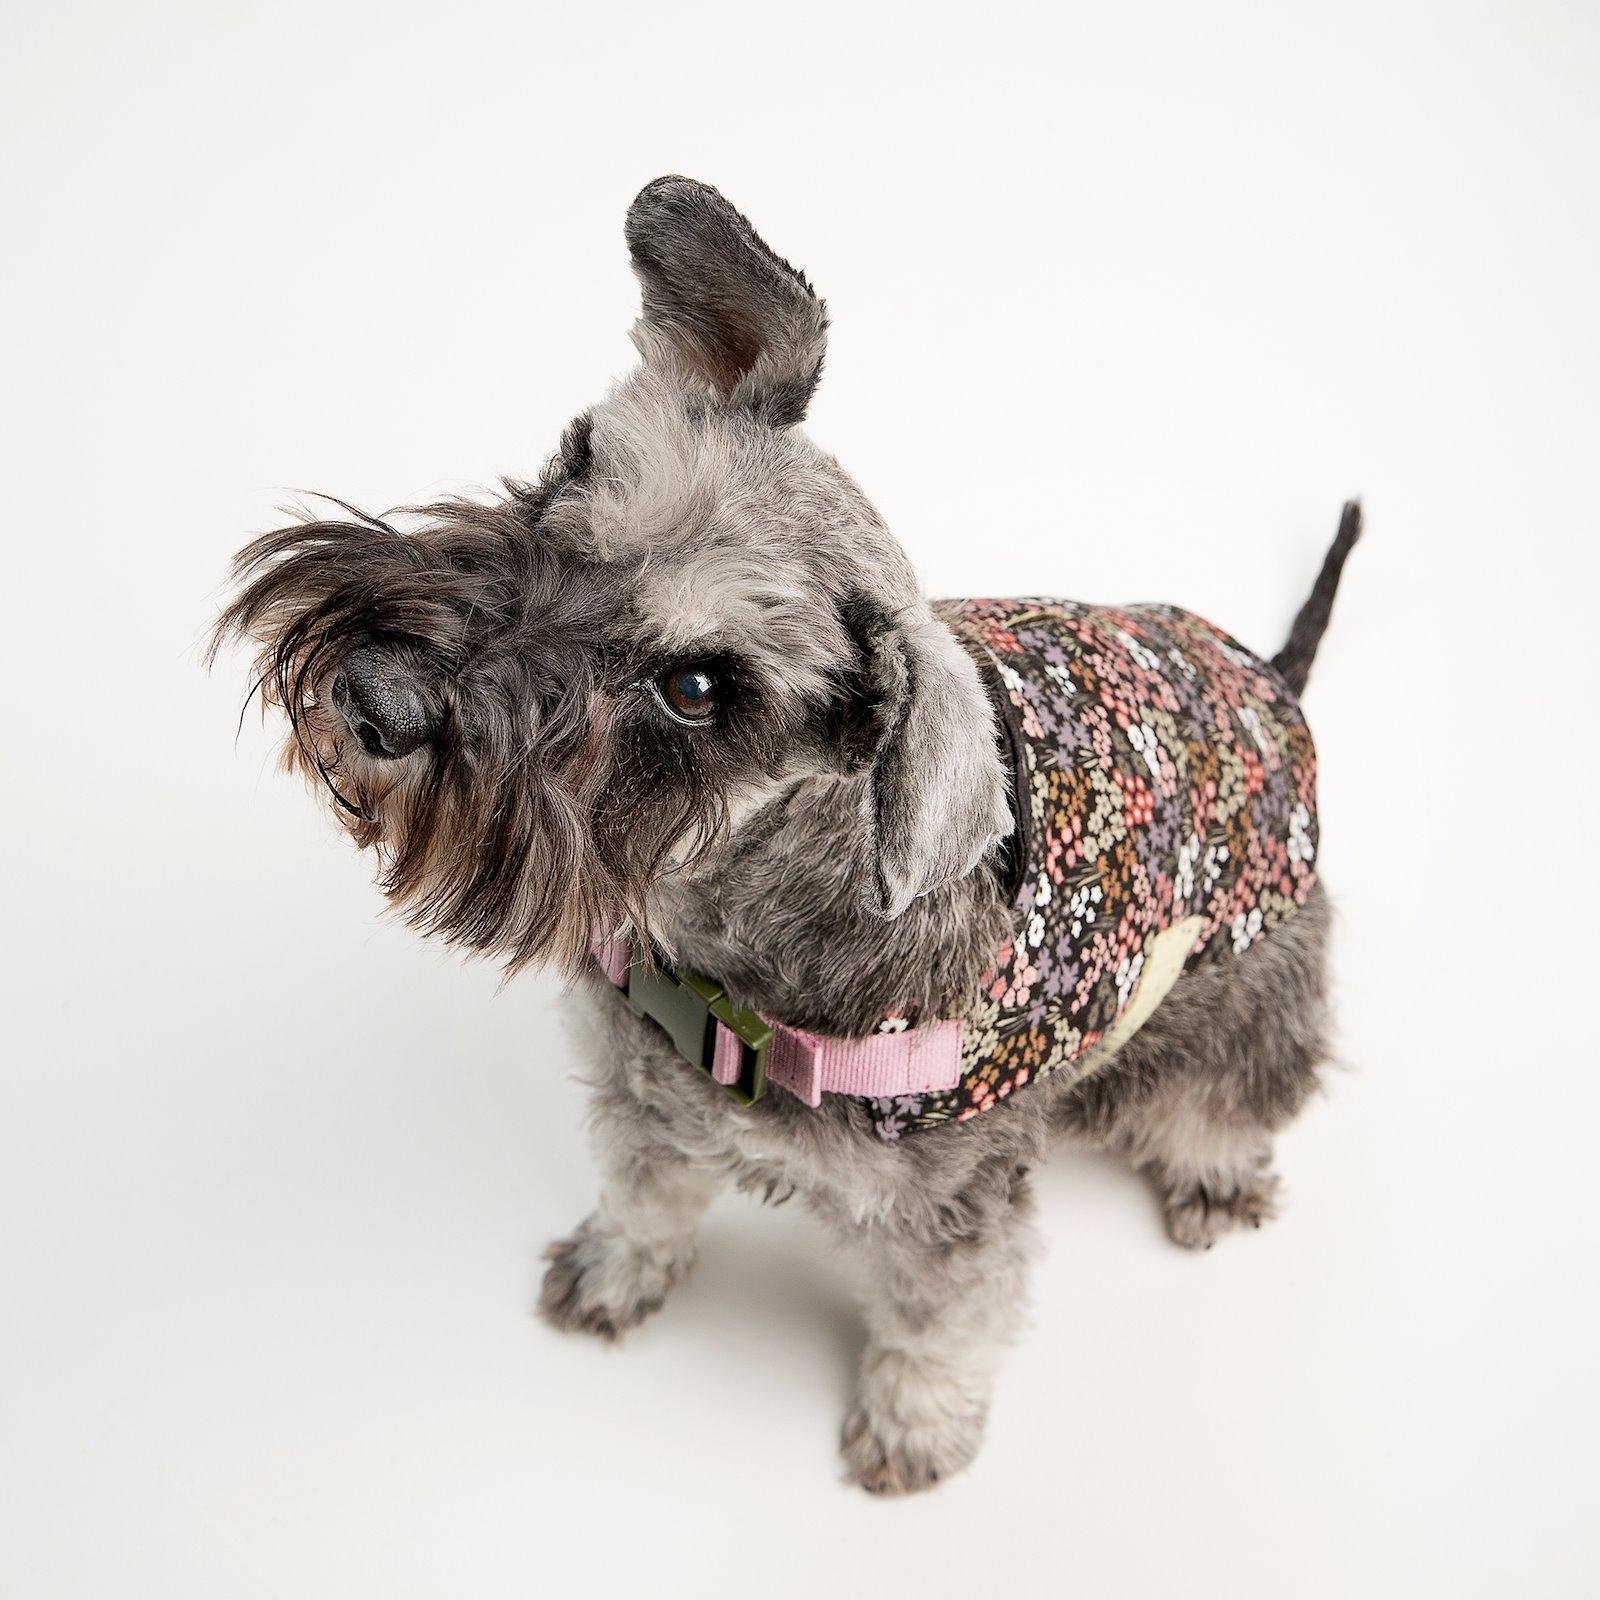 Dog coat p90346_920238_22303_45200_45204_sskit